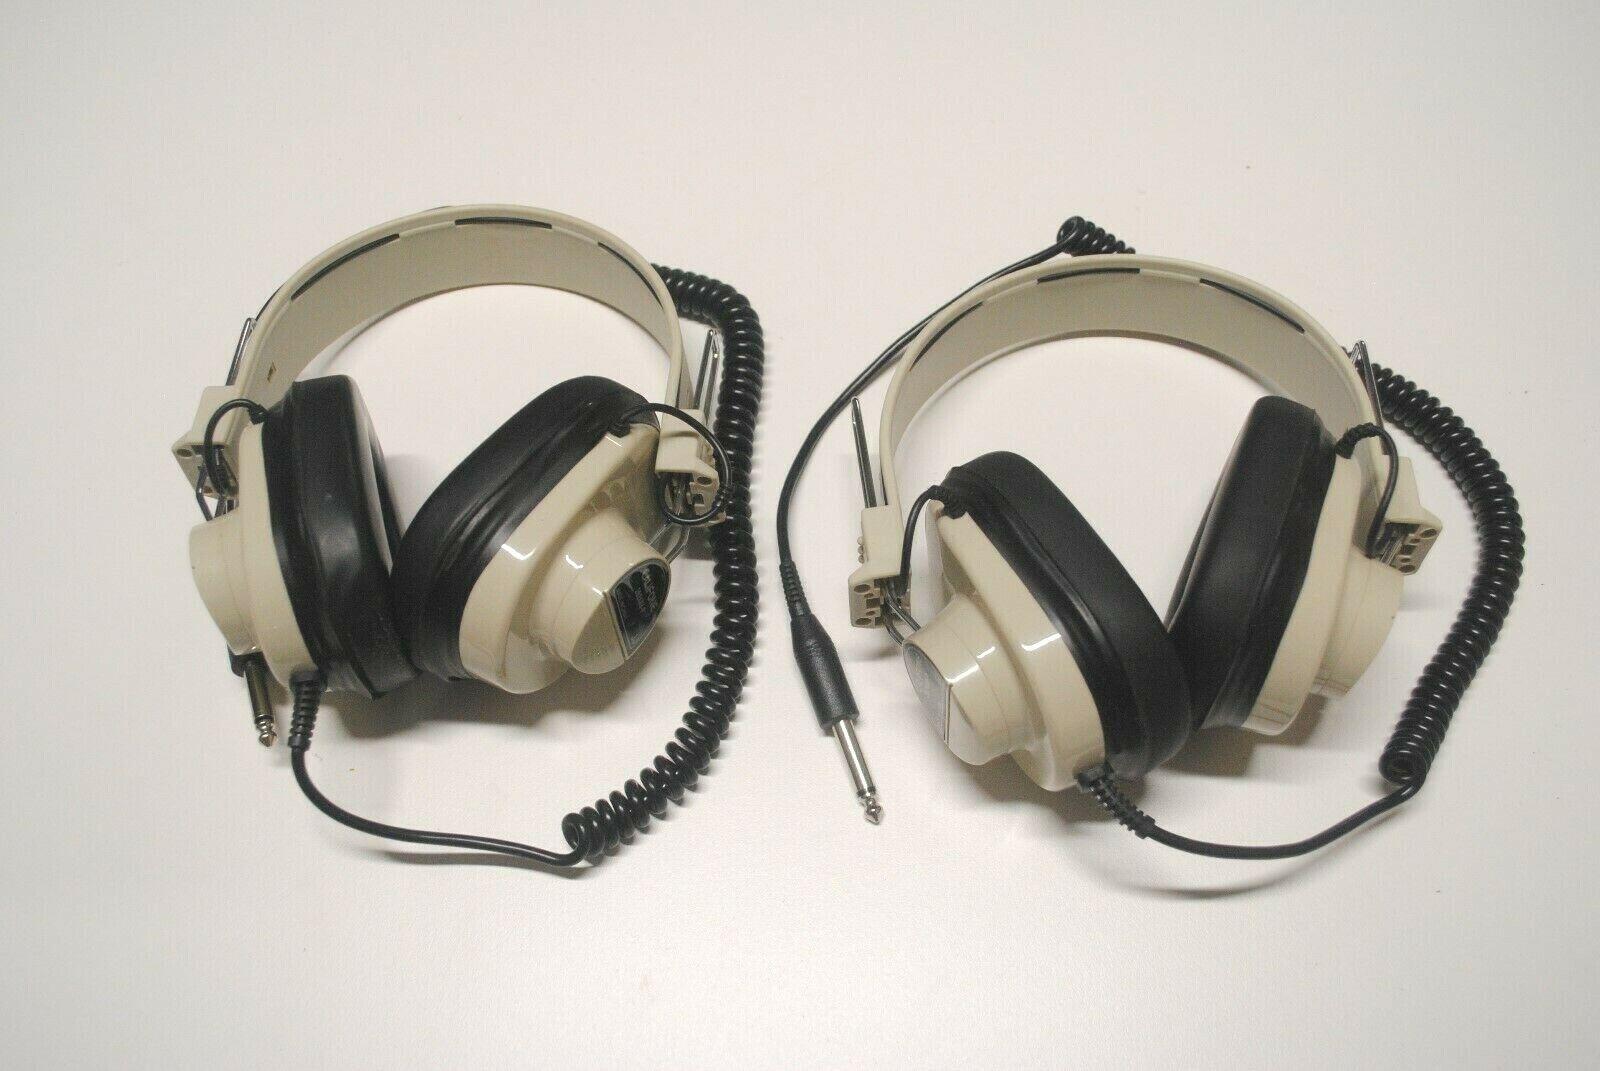 Califone Professional Earphones Set Of 2 Model 2924AV-P QUALITY MADE  - $3.50